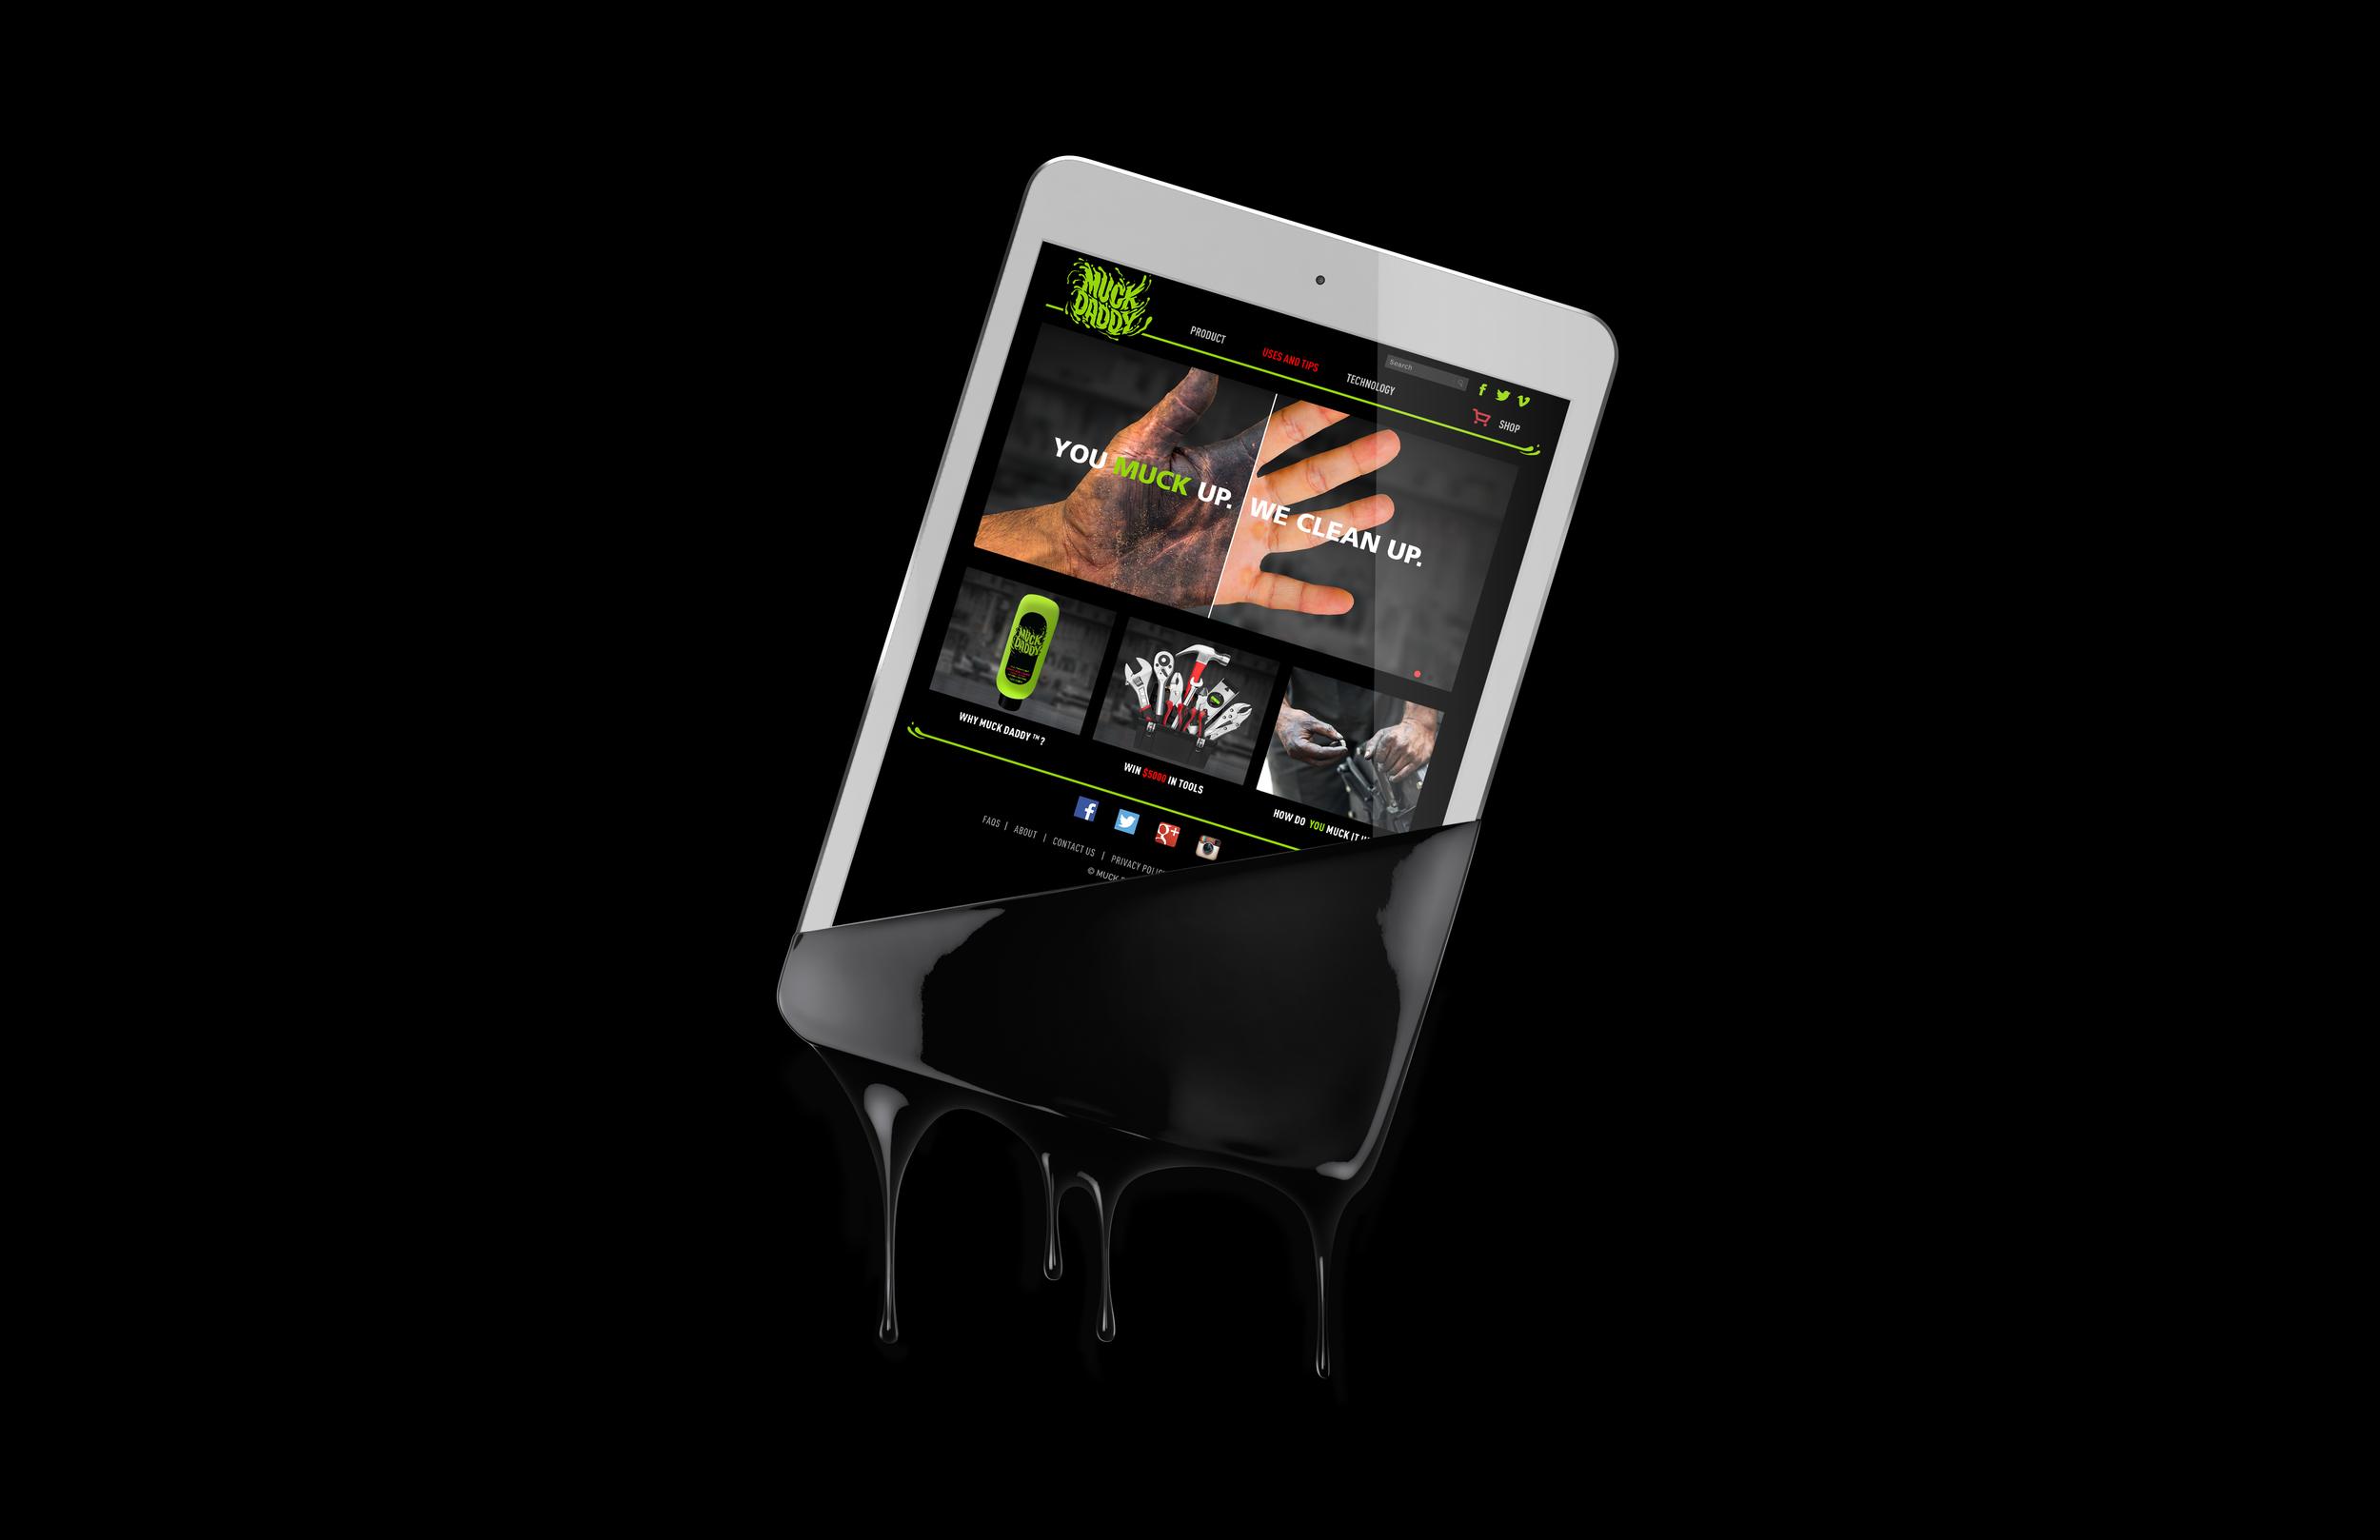 160607_MD_iPad_LR_LV.jpg